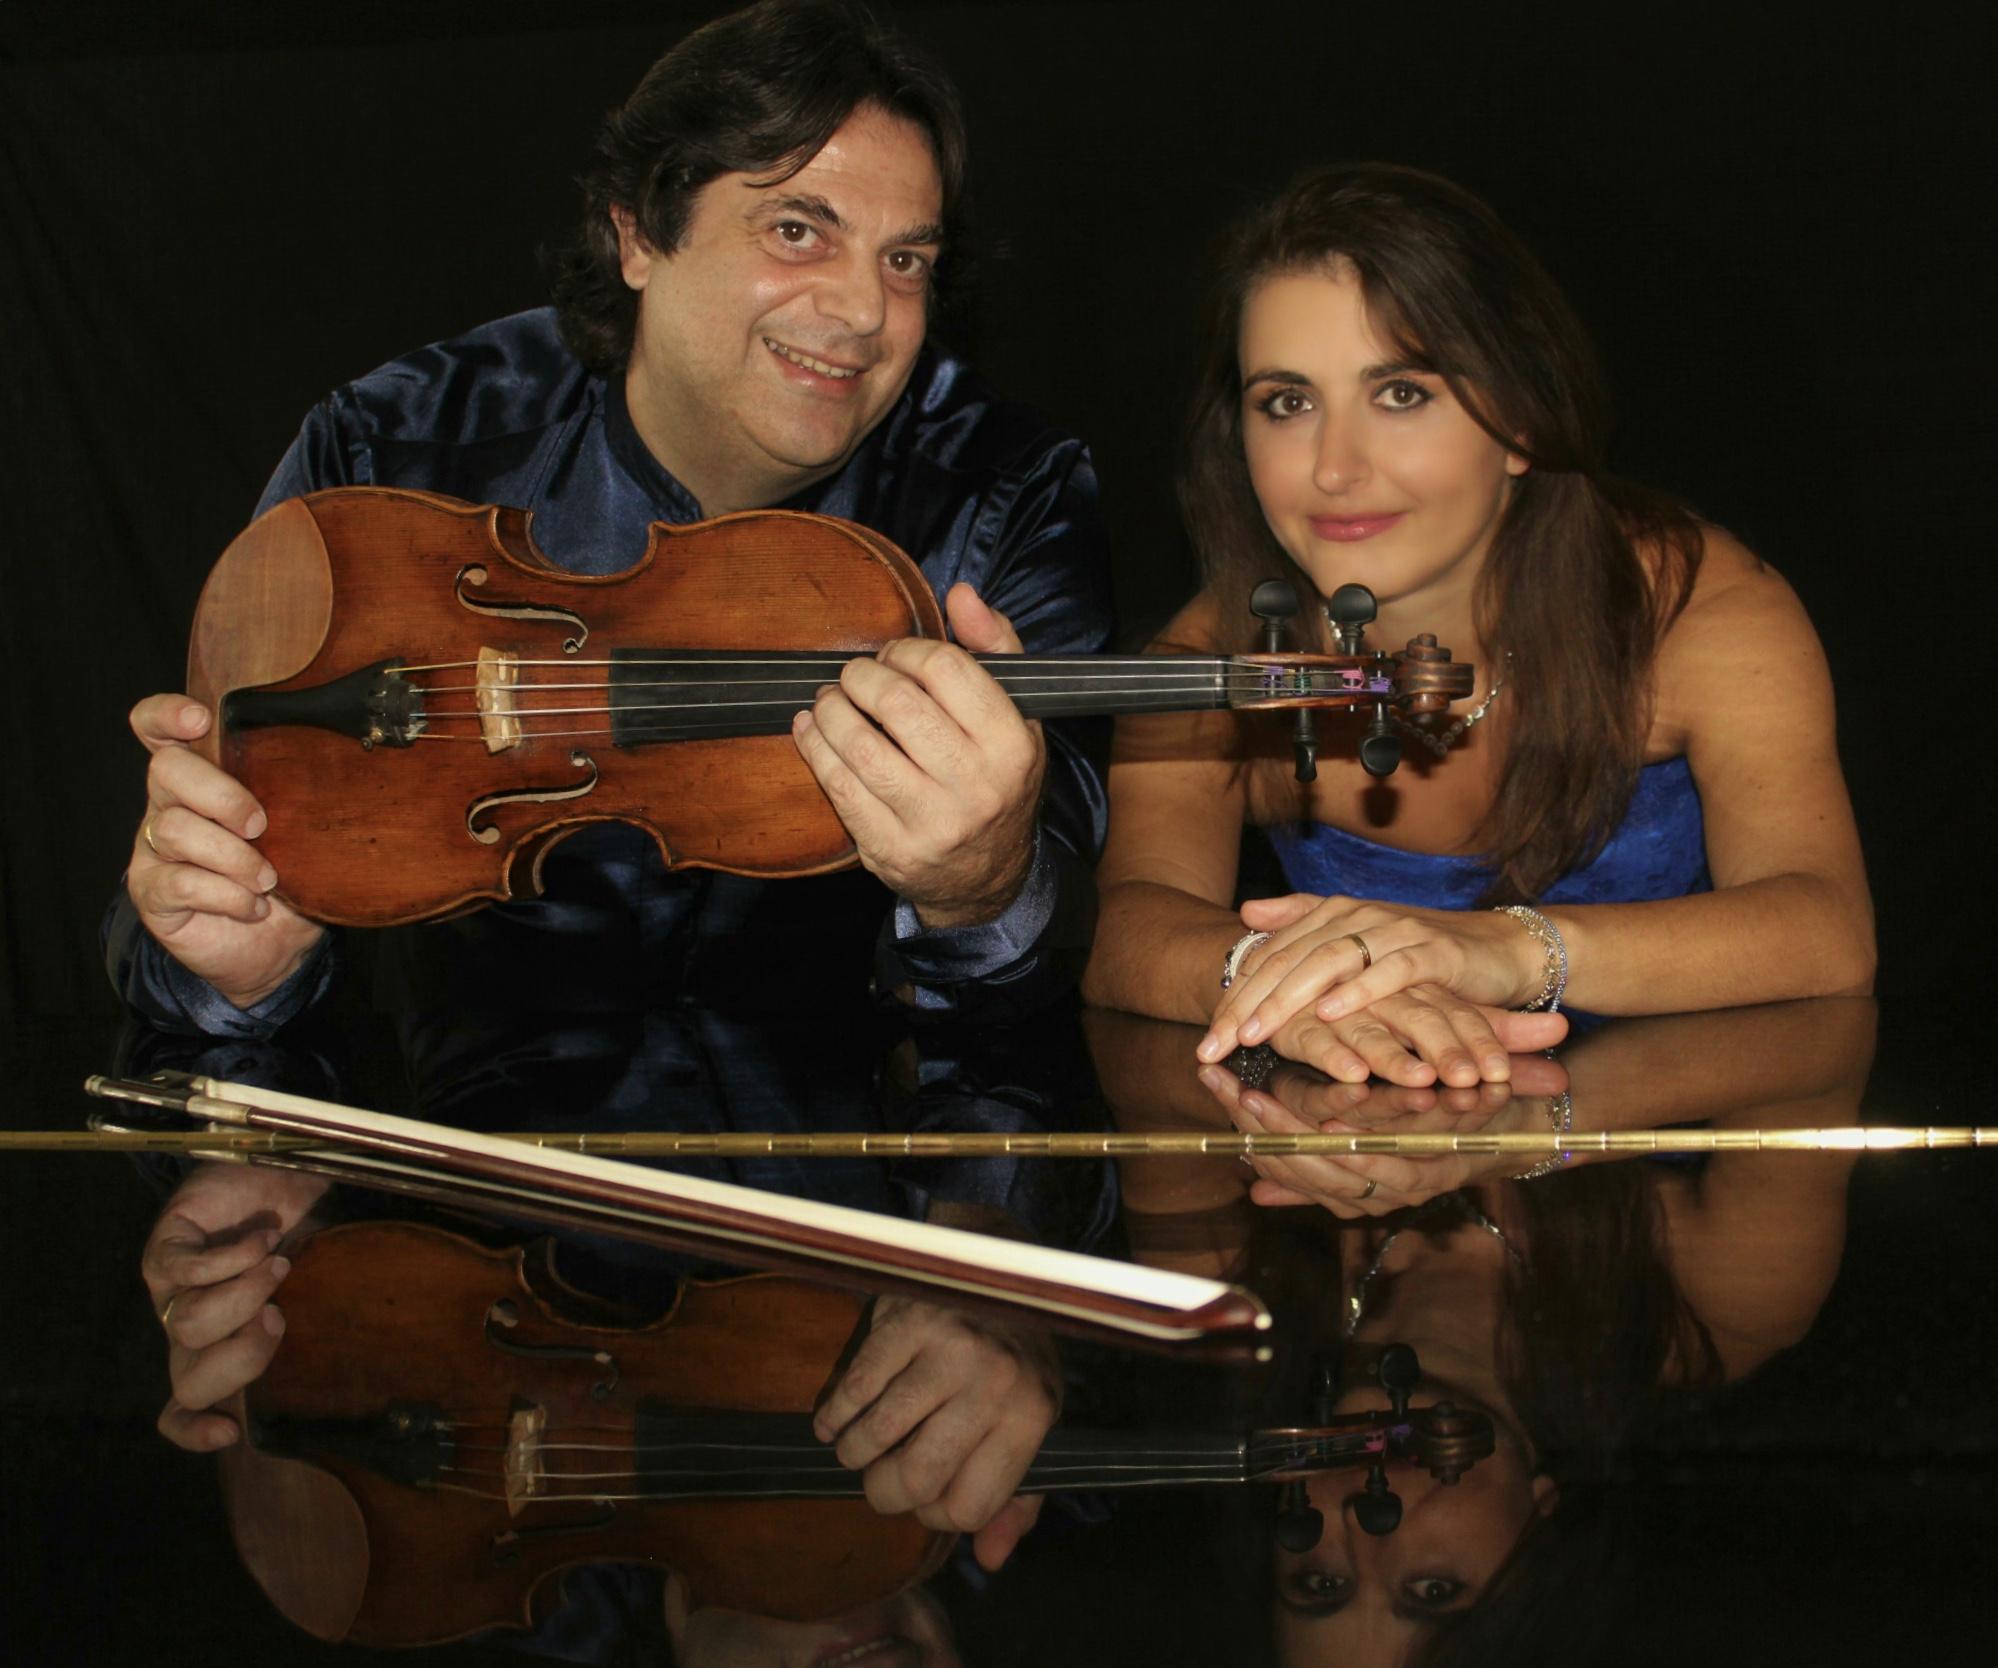 Francesco Santoliquido, un italiano a Tunisi. Riscoperte musicali del 900 italiano